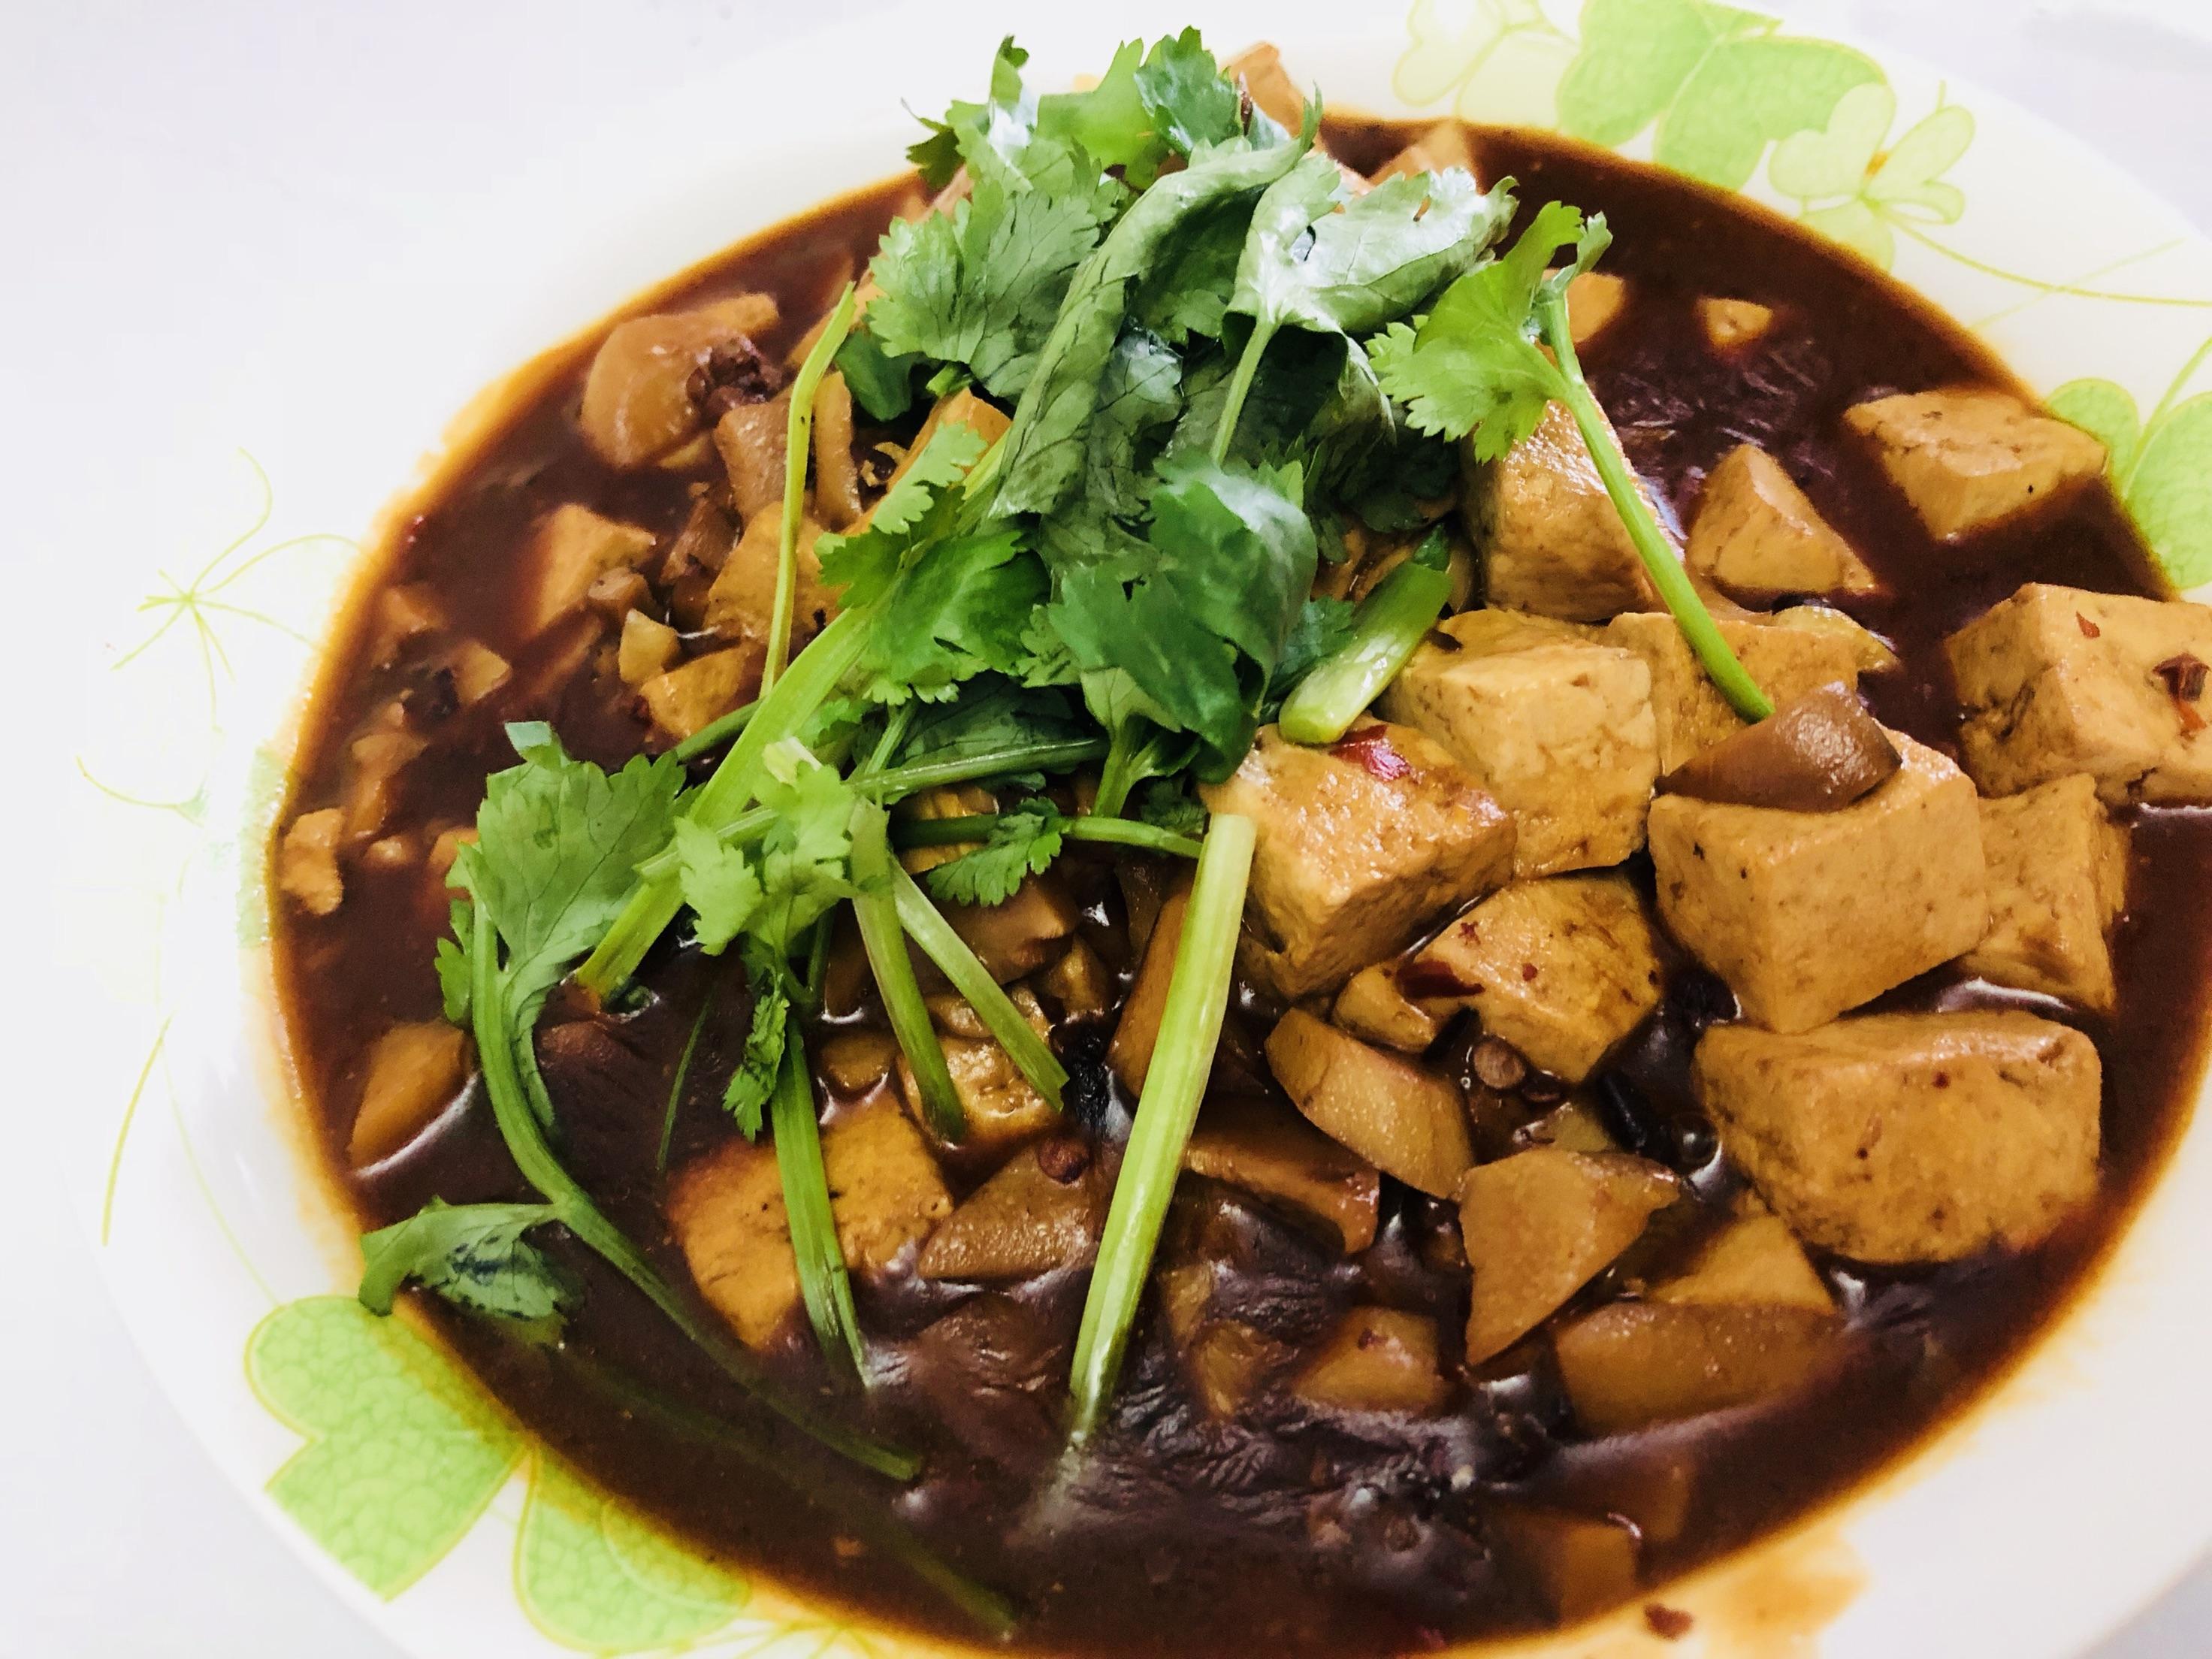 炒菜煲汤临锅时可以提鲜不口干做法家常的步骤鸡胸1.冻住豆腐直接煮加入吗图片